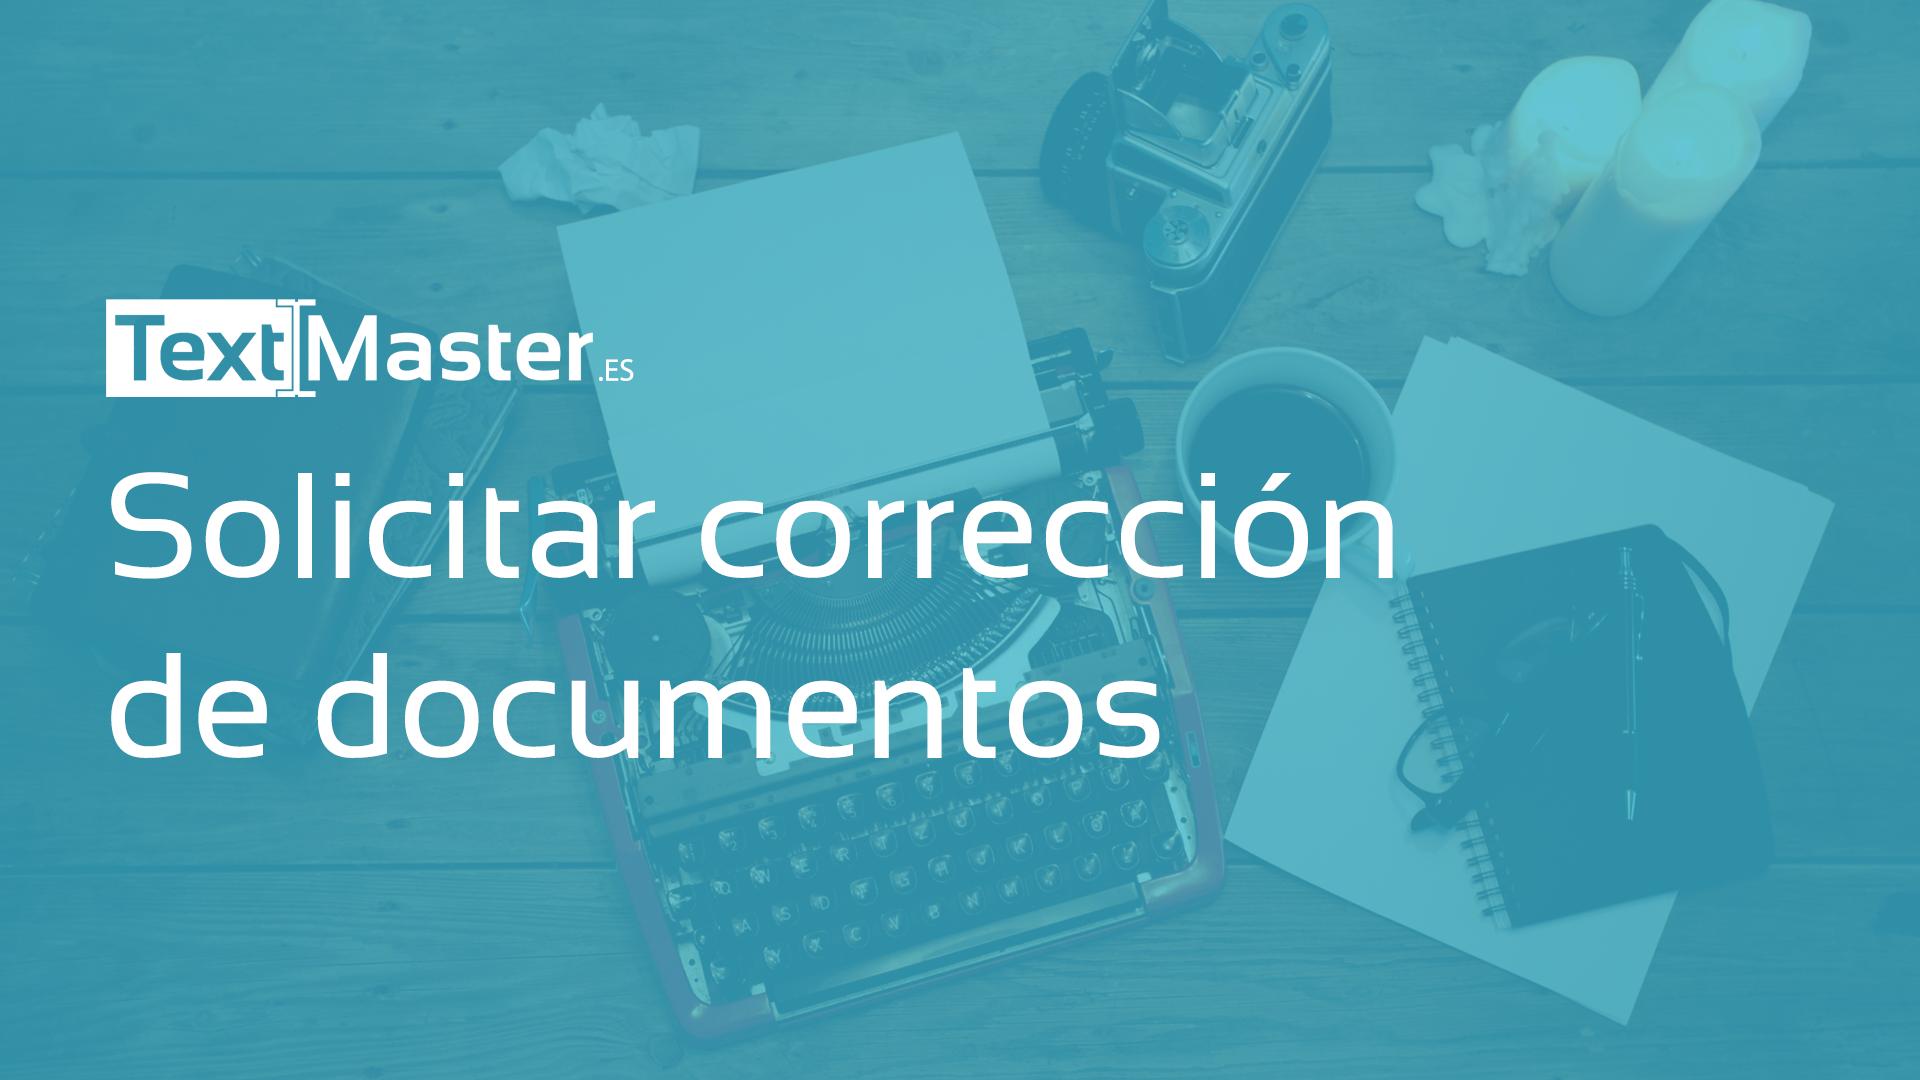 Solicitar correccion de documentos